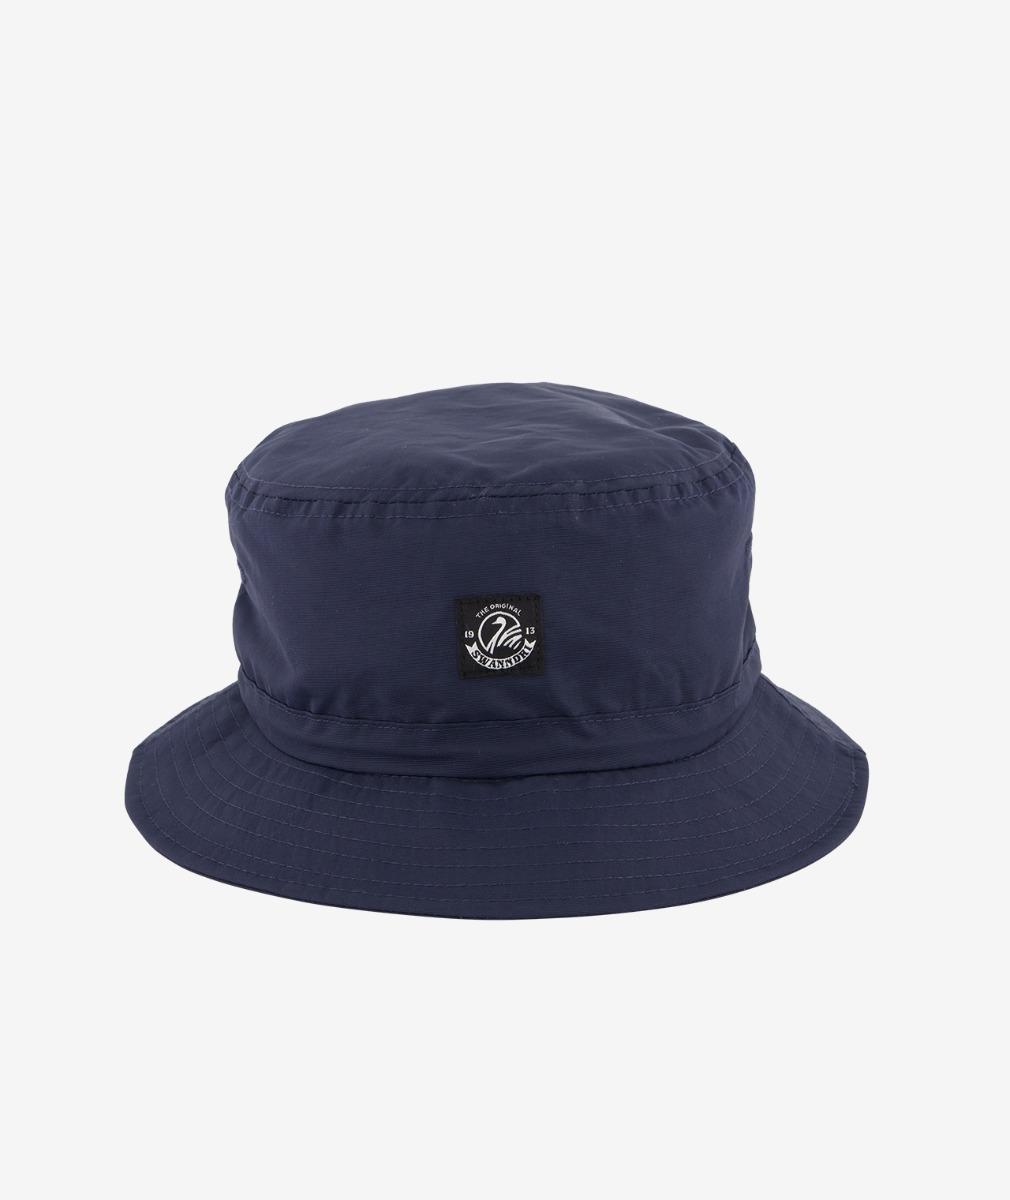 Swanndri Murrays Bay Hat V2 in Navy